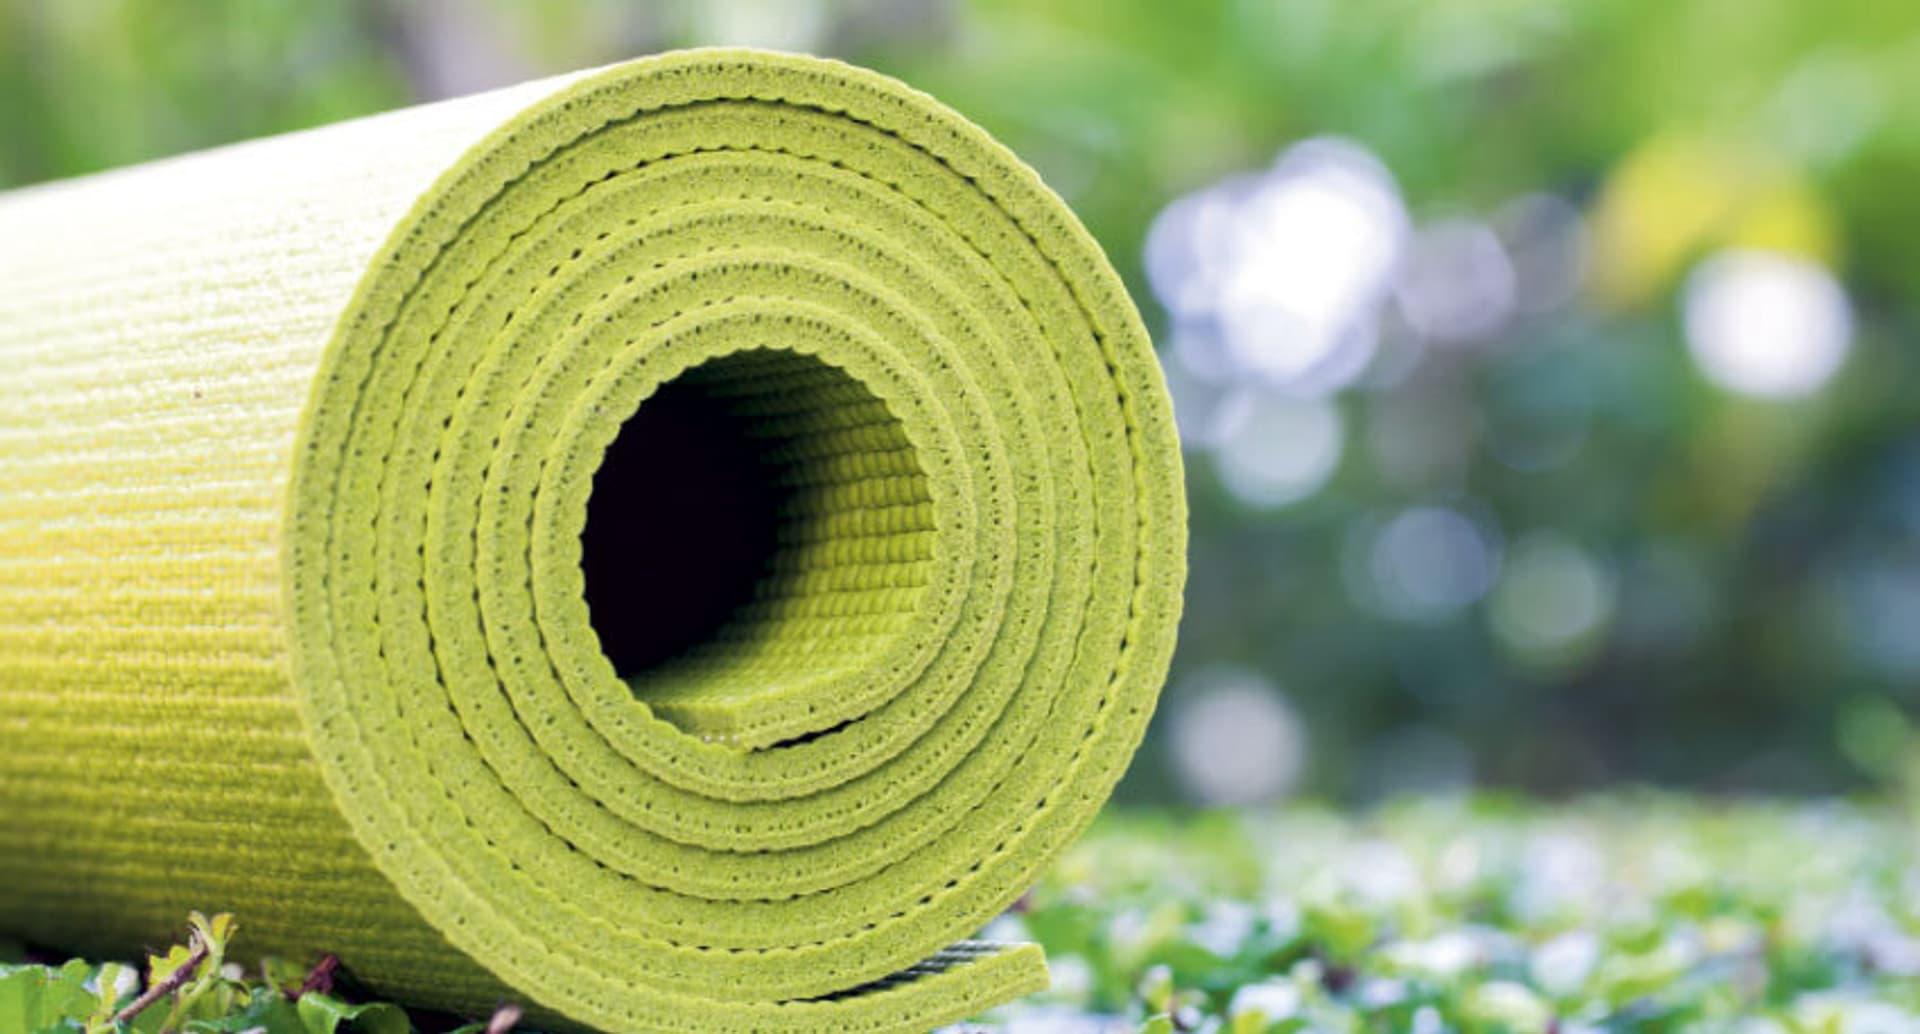 Eine zusammengerollte grüne Yogamatte